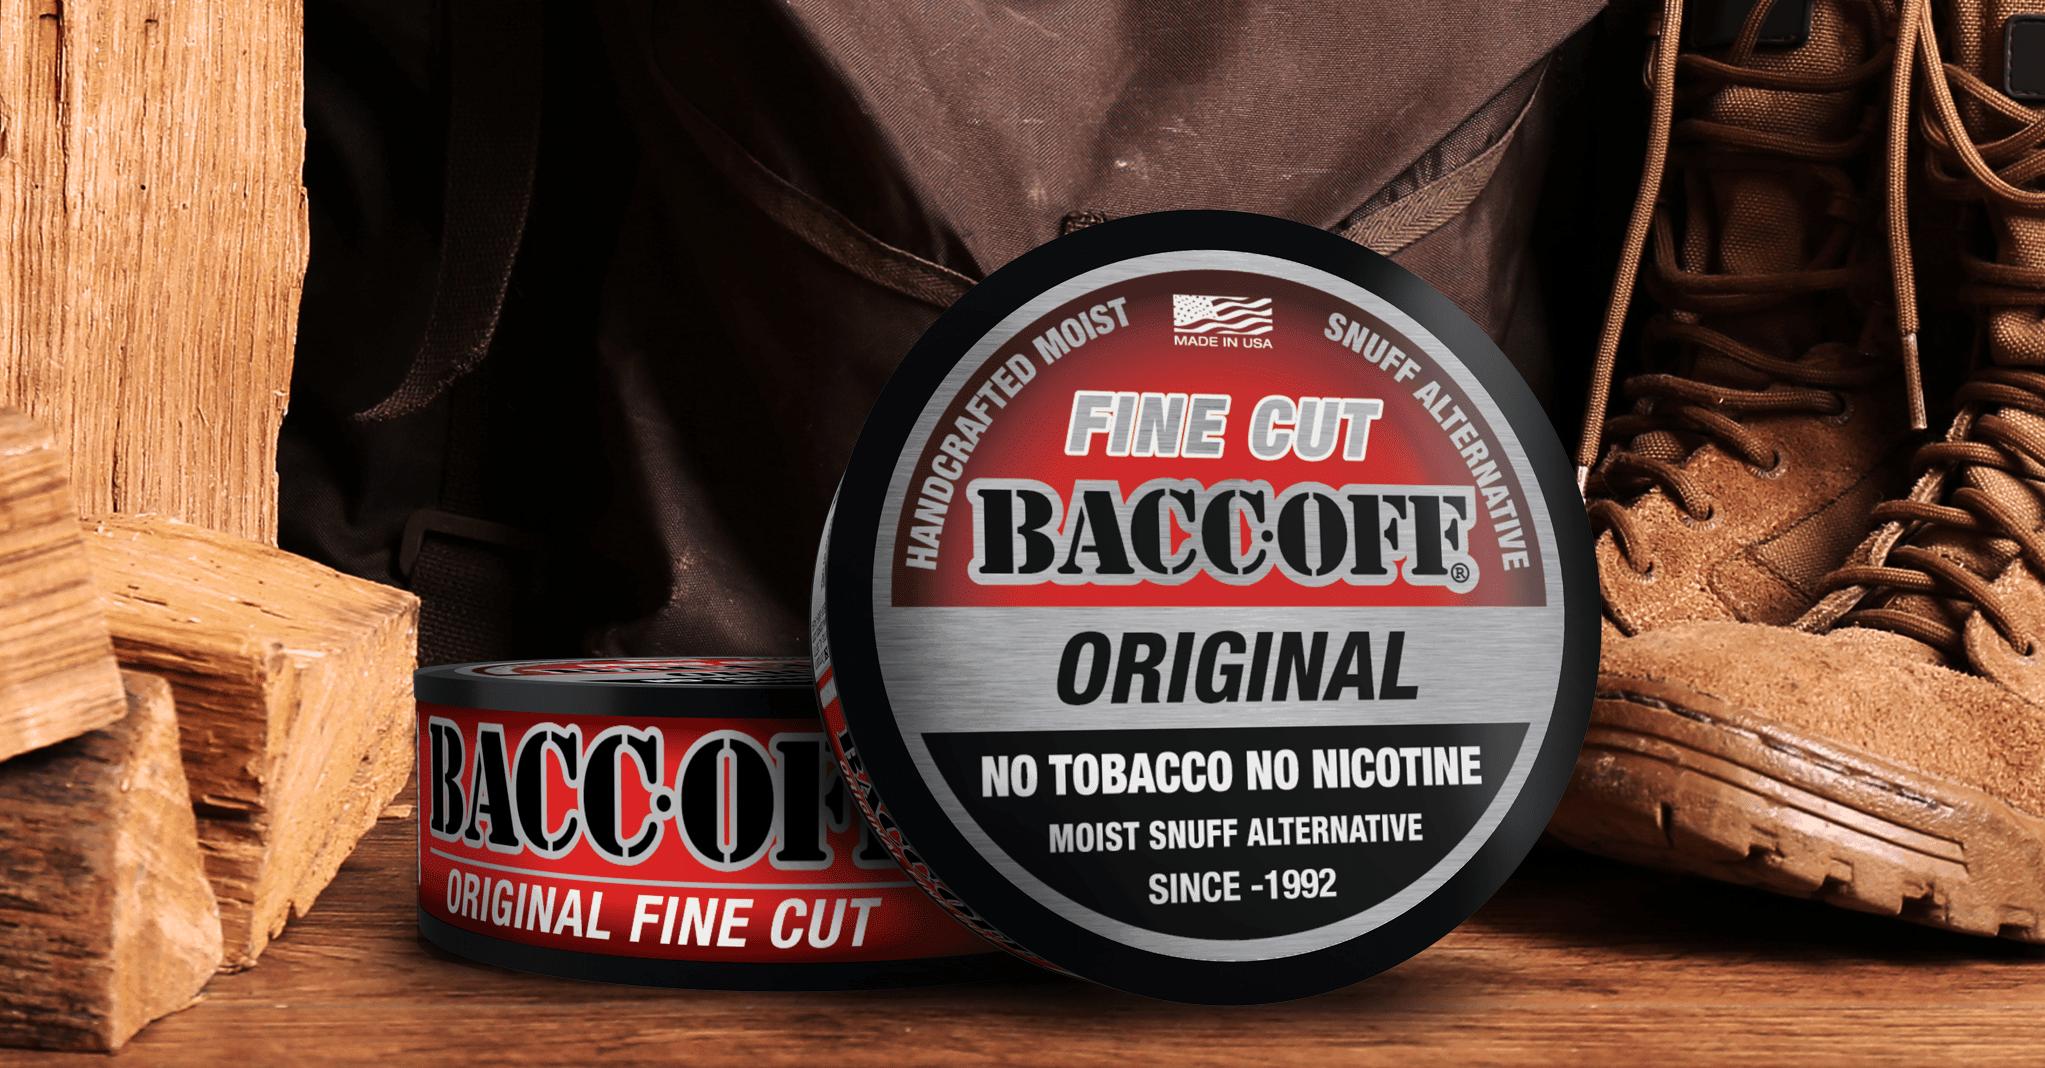 baccoff original fine cut dip